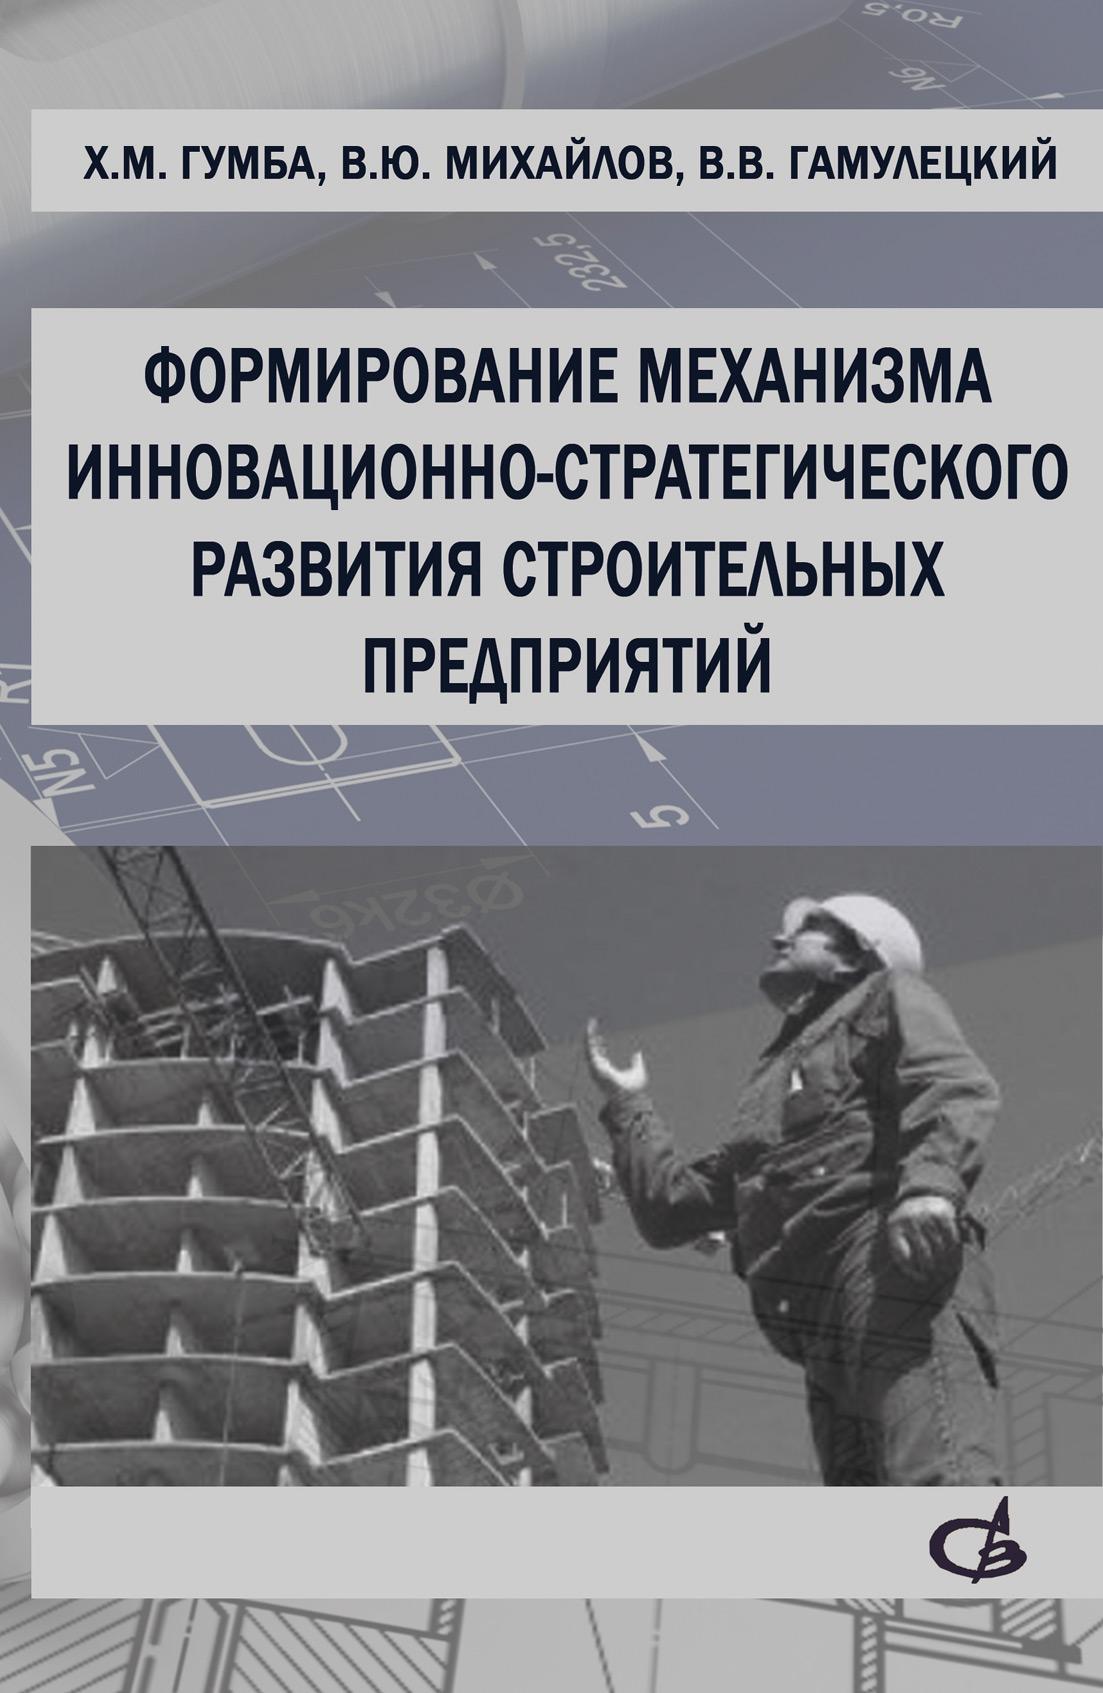 Х. М. Гумба Формирование механизма инновационно-стратегического развития строительных предприятий